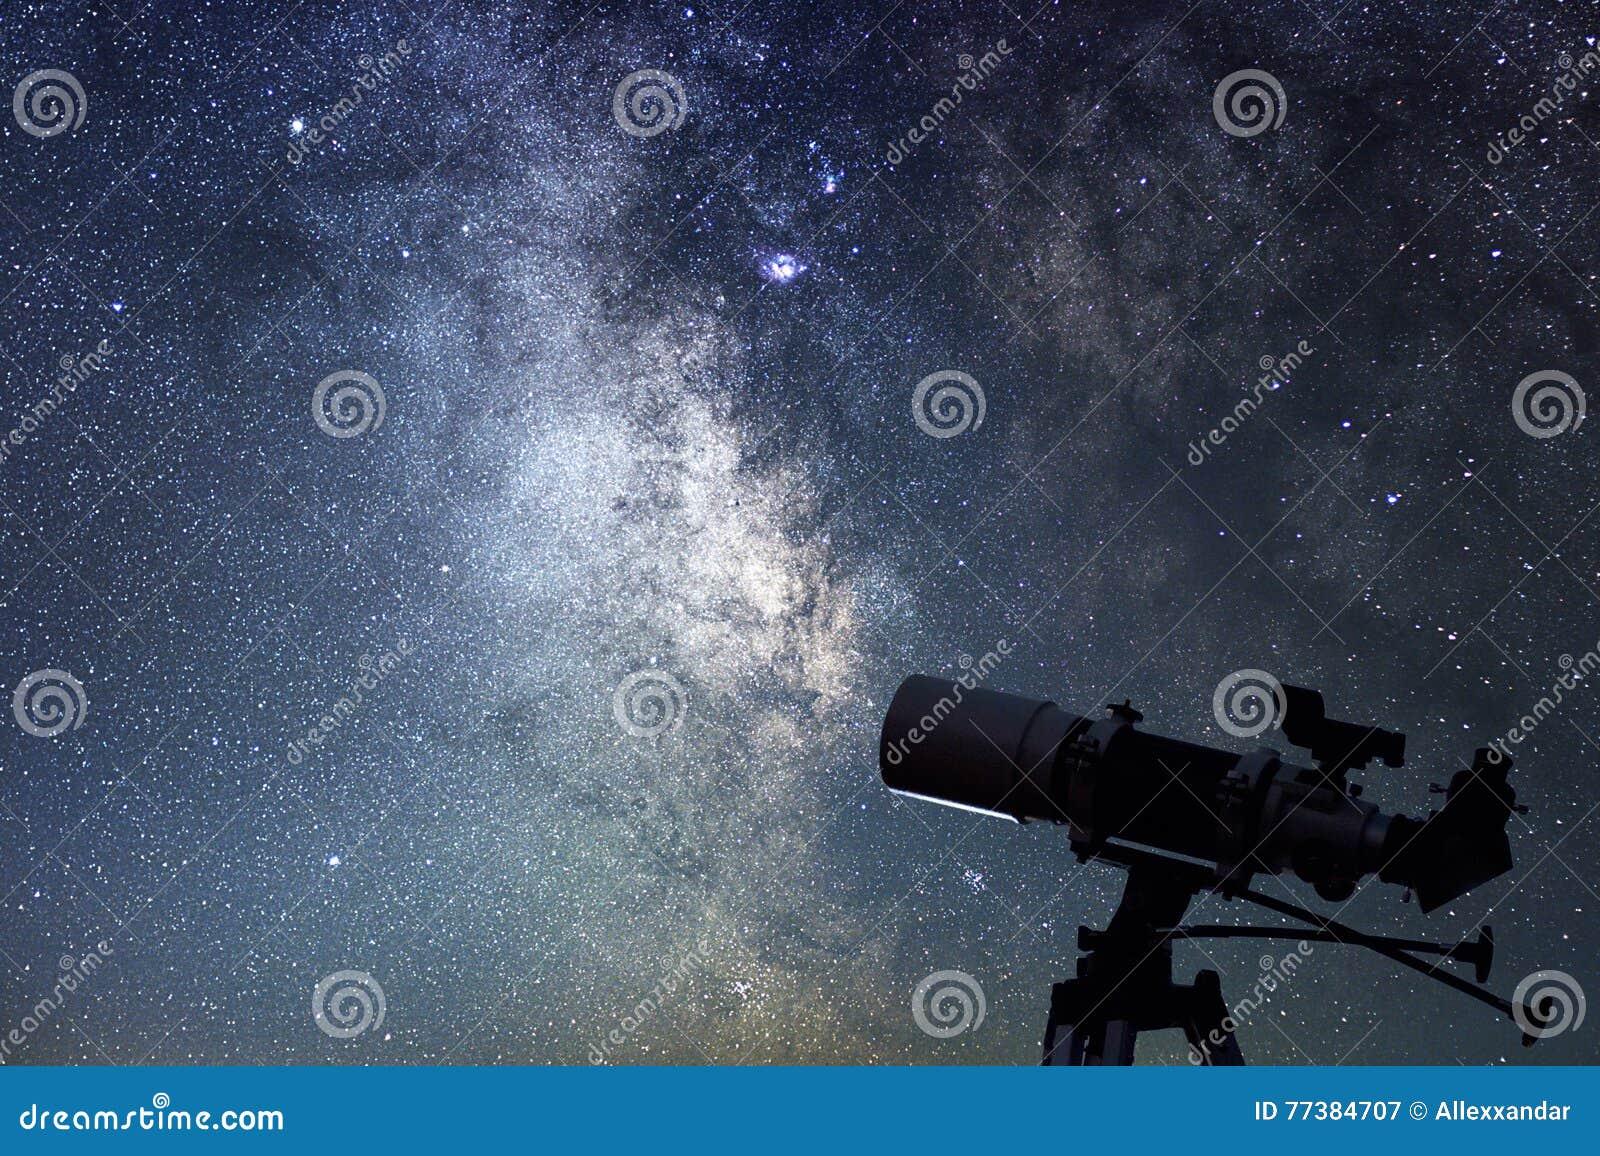 Seben star commander zoom refraktor teleskop kt fernrohr